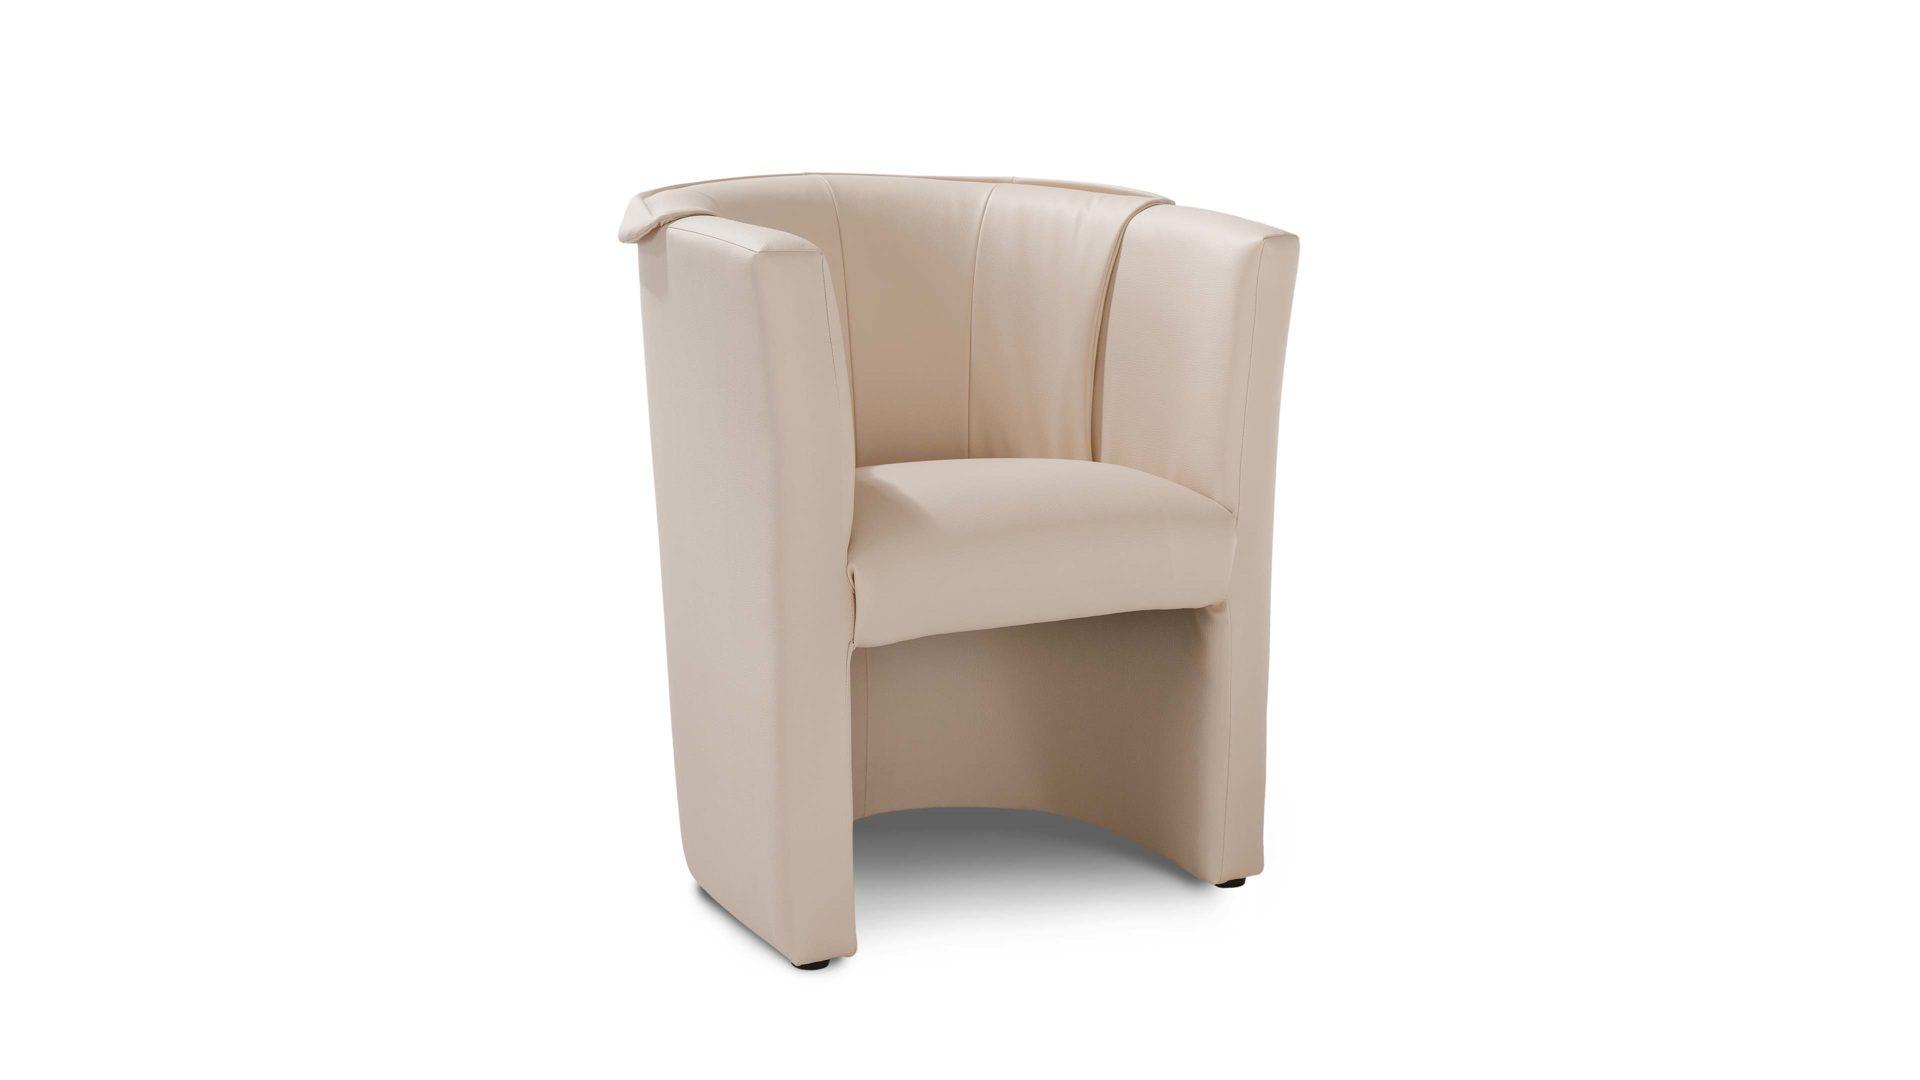 Cocktailsessel, ein Polstermöbel mit Stil, beigefarbenes Kunstleder ...